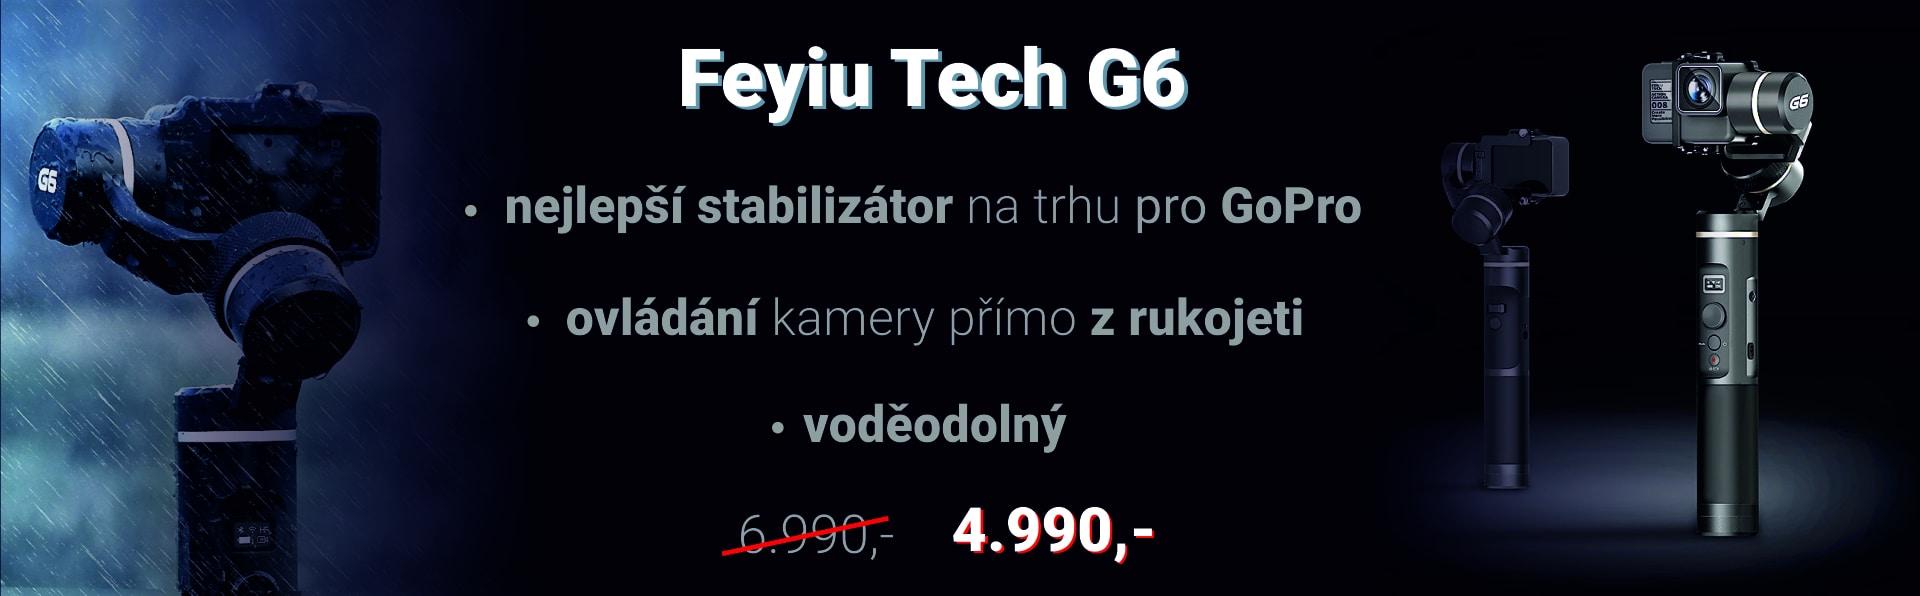 Feyiu Tecg G6 - nejlepší stabilizátor na trhu pro GoPro, voděodolný, s ovládáním kamery přímo z rukojeti